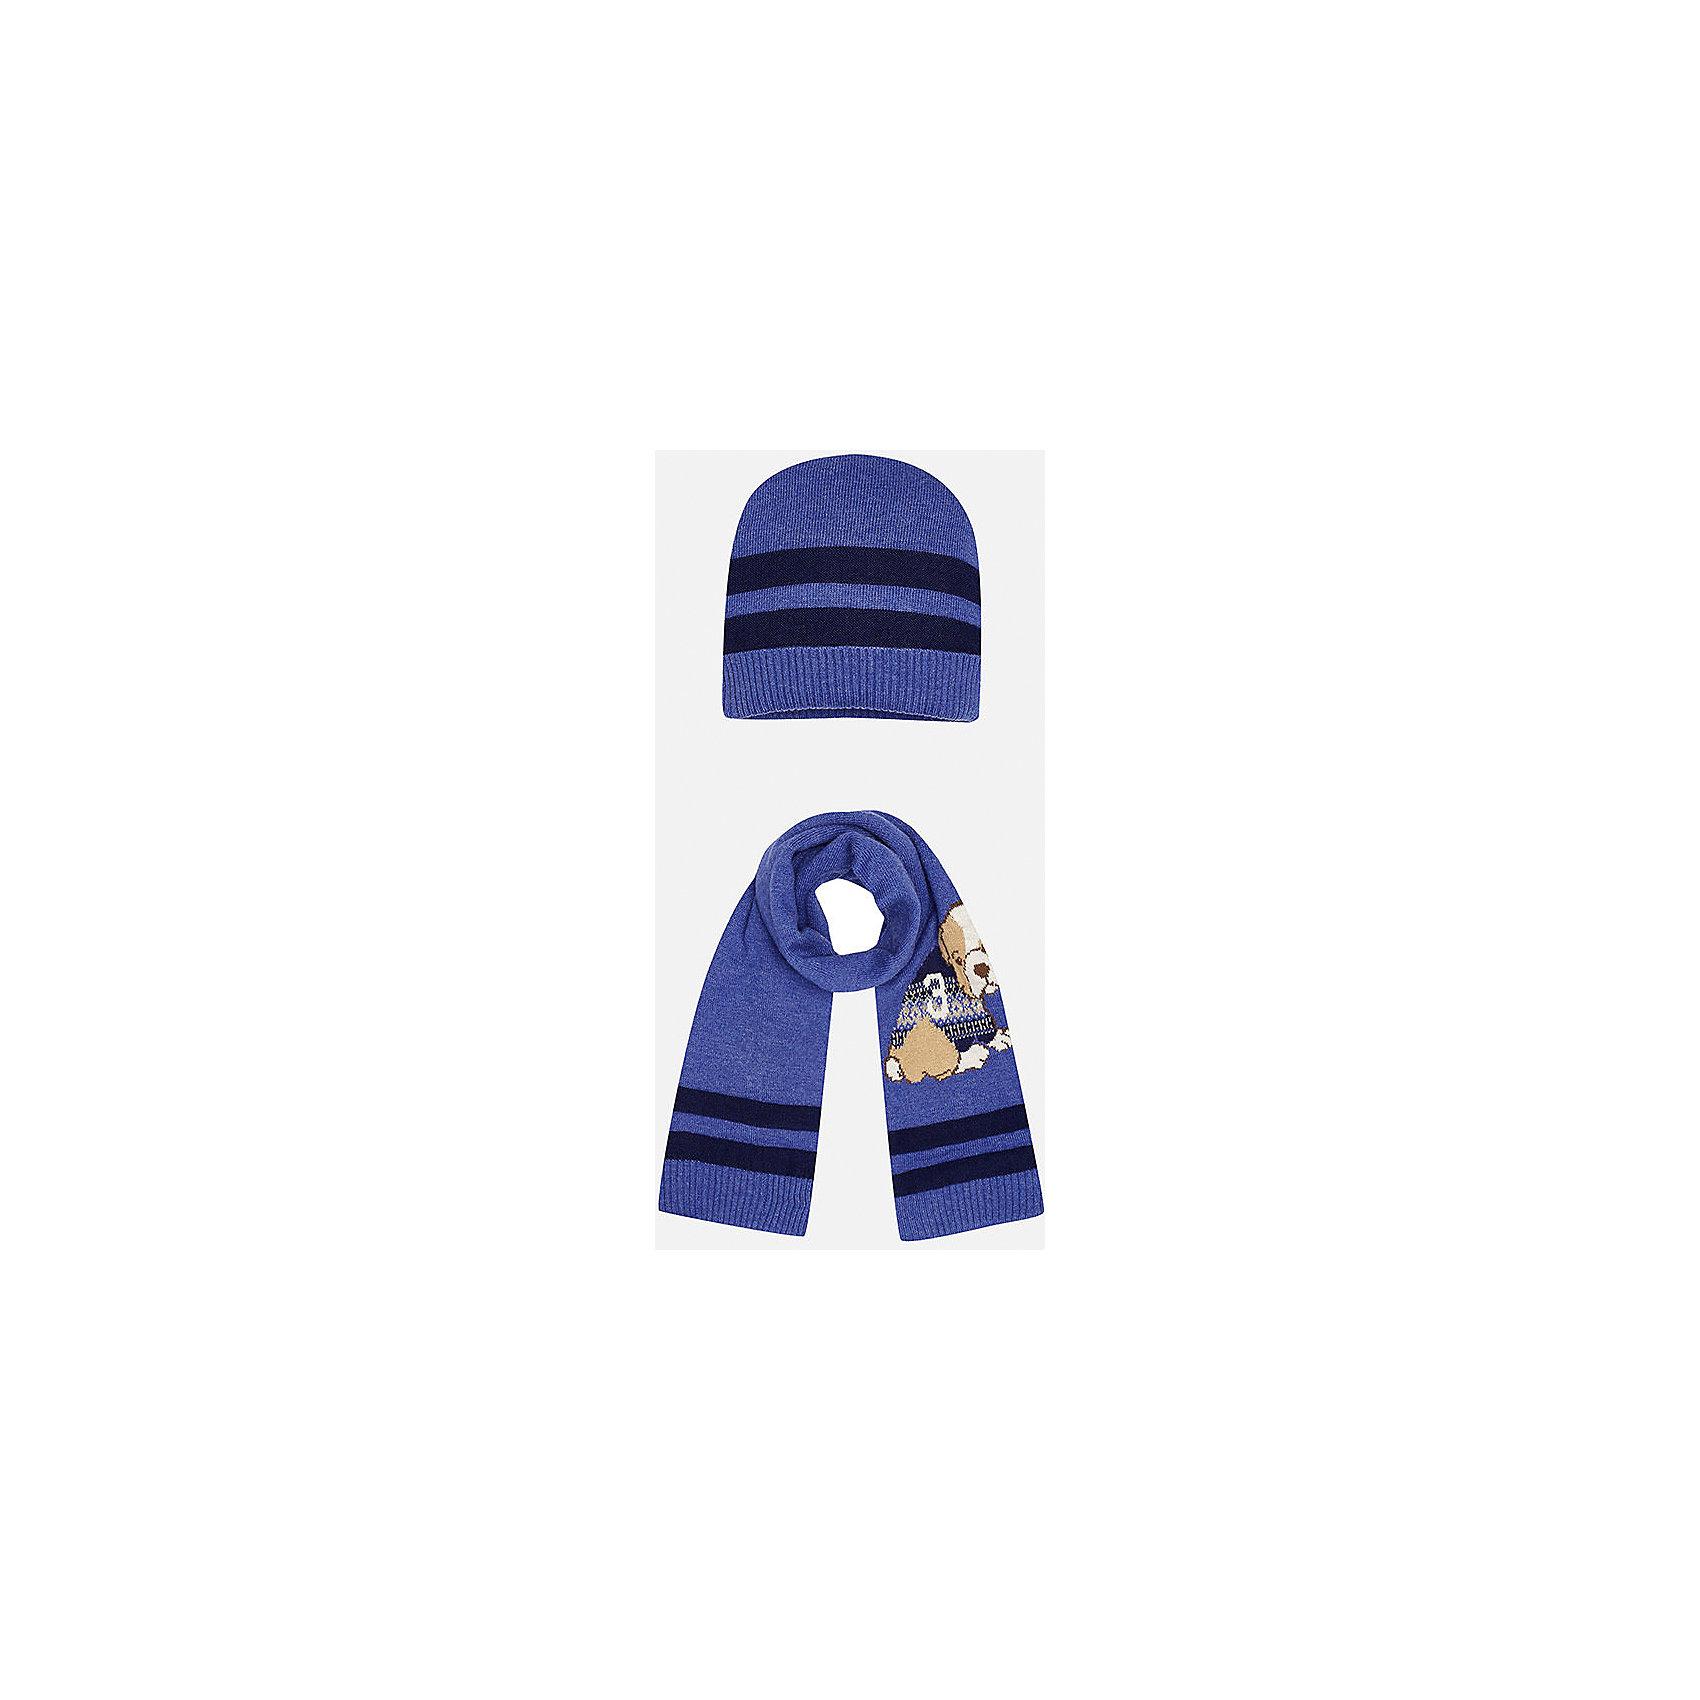 Комплект: шапка-шарф для мальчика MayoralШарфы, платки<br>Комплект из шапки и шарфа для мальчика от известного испанского бренда Mayoral. Изготовлены из качественных дышащих материалов. Шарф украшен приятным рисунком с собачкой.<br>Дополнительная информация:<br>-цвет: фиолетовый с темно-синими полосками; рисунок собачка на шарфе<br>-резиночка на шапке<br>-состав: 60% хлопок, 30% полиамид, 10% шерсть<br>Комплект из шапки и шарфа Mayoral вы можете приобрести  в нашем интернет-магазине.<br><br>Ширина мм: 89<br>Глубина мм: 117<br>Высота мм: 44<br>Вес г: 155<br>Цвет: фиолетовый<br>Возраст от месяцев: 12<br>Возраст до месяцев: 18<br>Пол: Мужской<br>Возраст: Детский<br>Размер: 48,46<br>SKU: 4820057